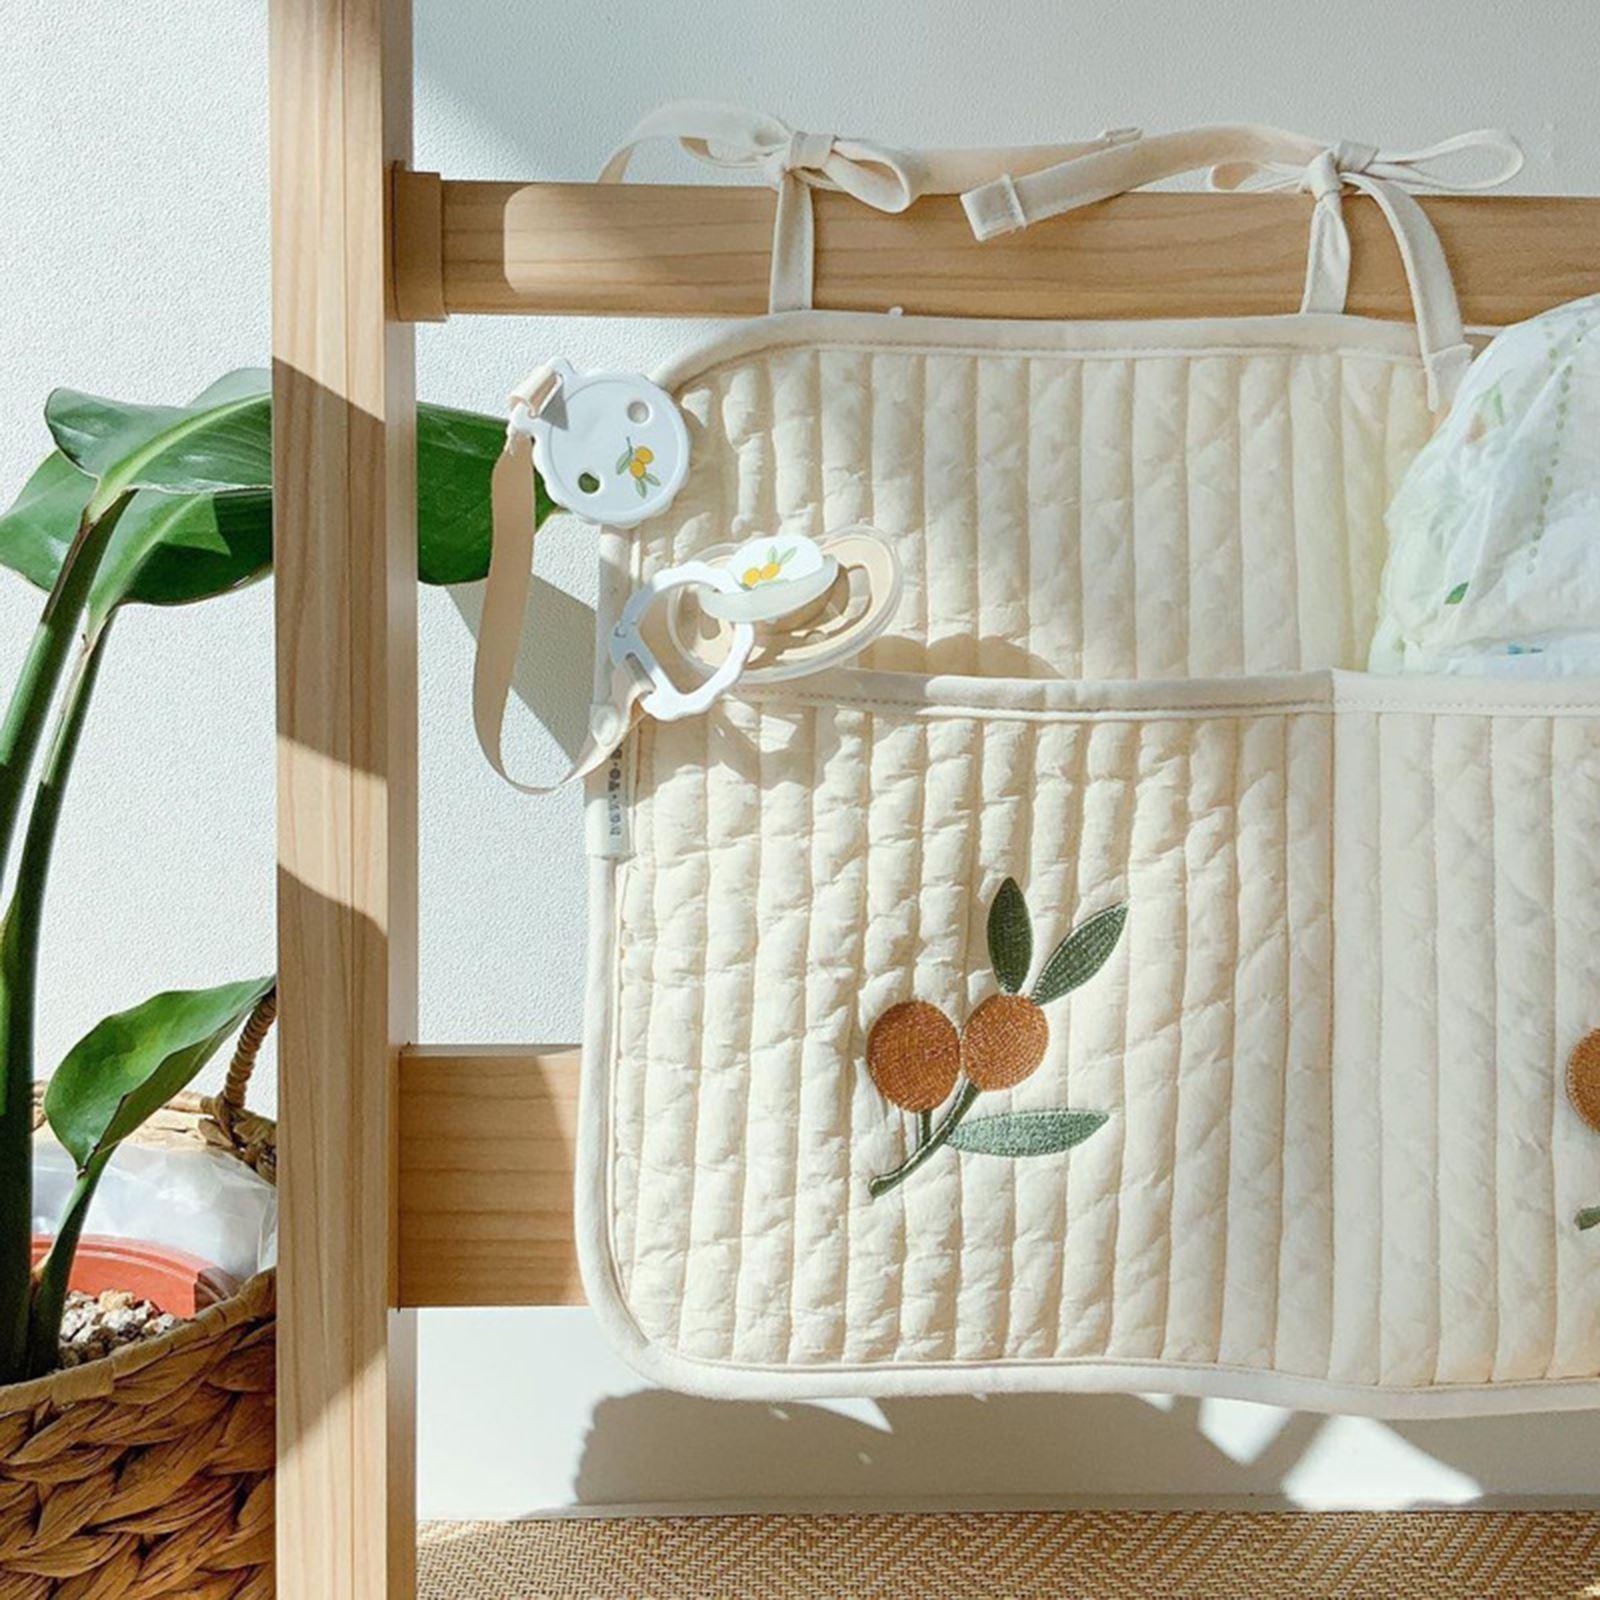 Органайзер для детской кроватки, подвесные сумки, органайзер для детской коляски, из хлопка и льна, направляющие для игрушек, подгузников, д...